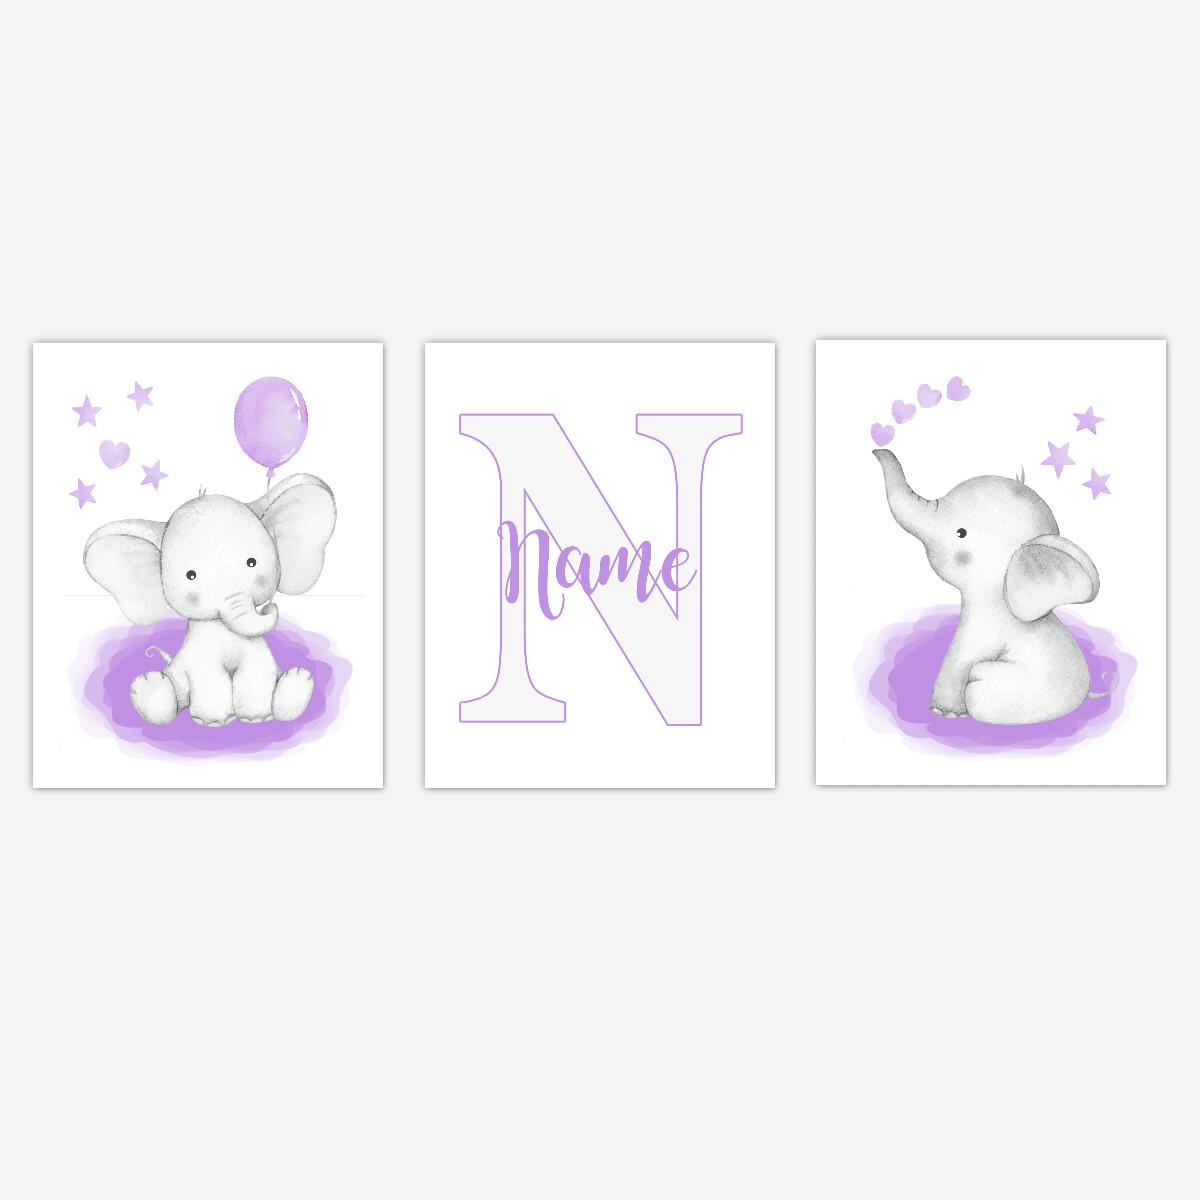 Watercolor Purple Elephants Baby Girl Nursery Art Wall Decor 3 UNFRAMED PRINTS or CANVAS